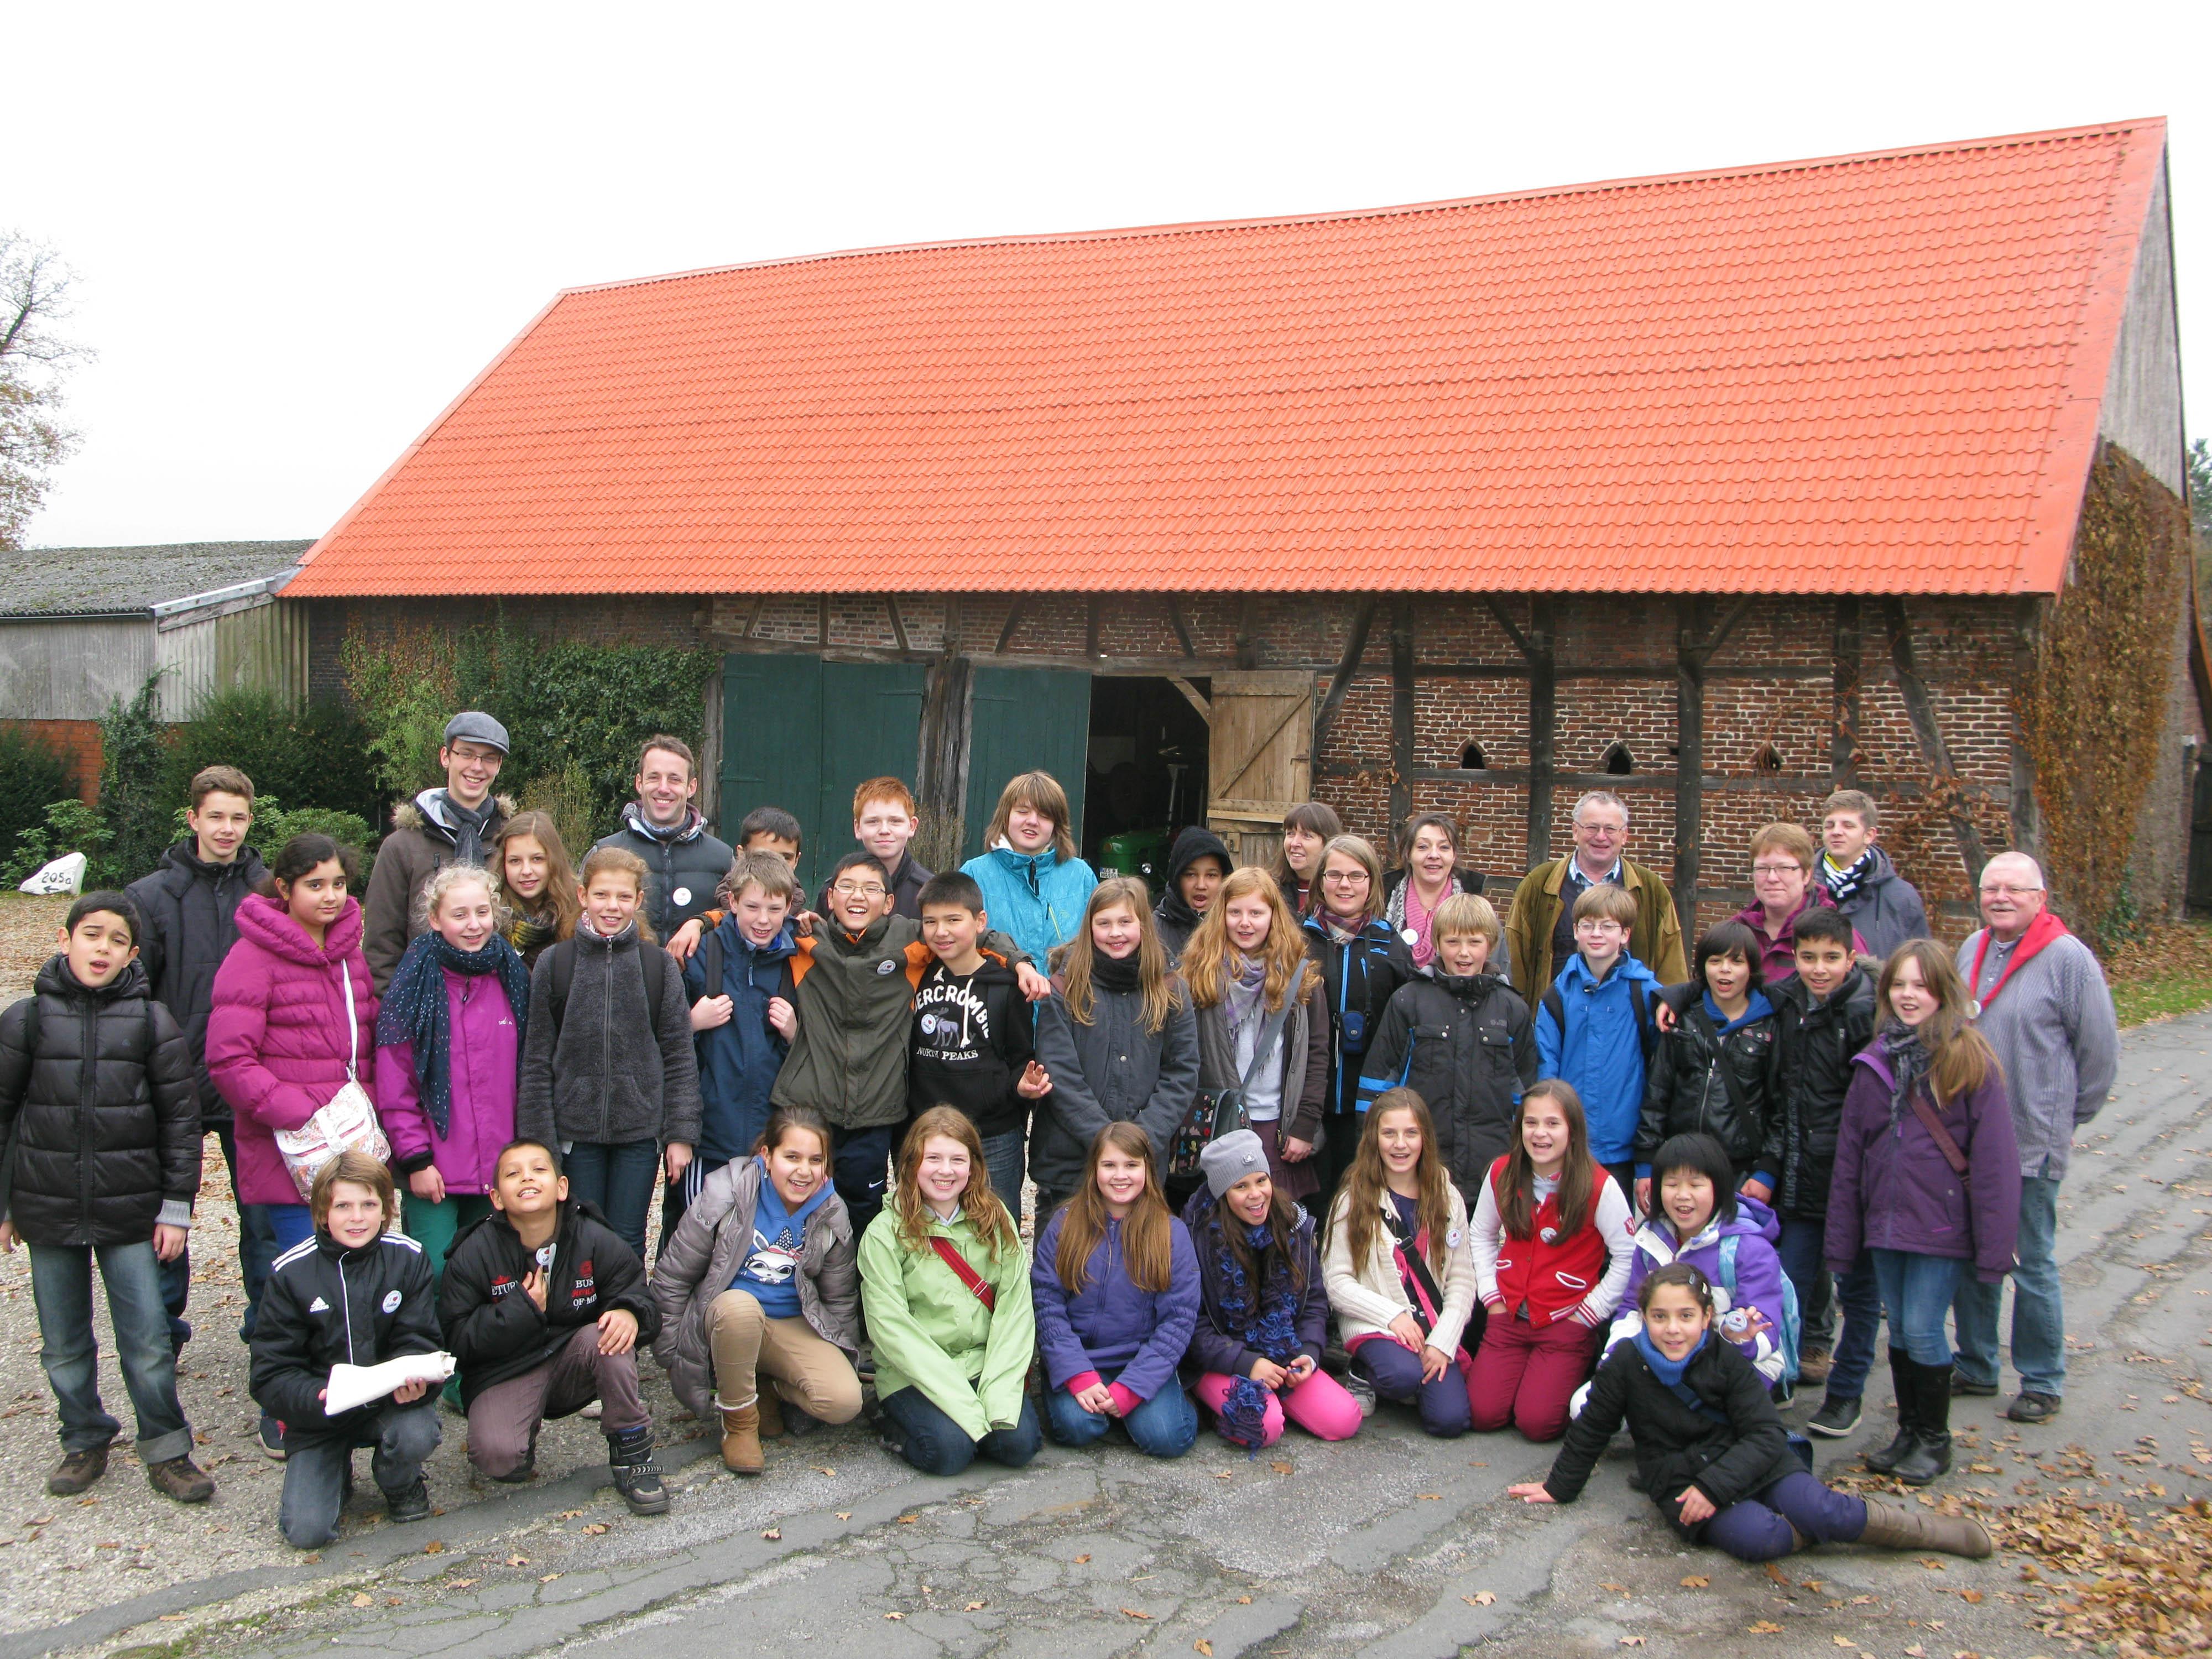 2012.11.13 Goethe-Schule aus Bochum zu Besuch